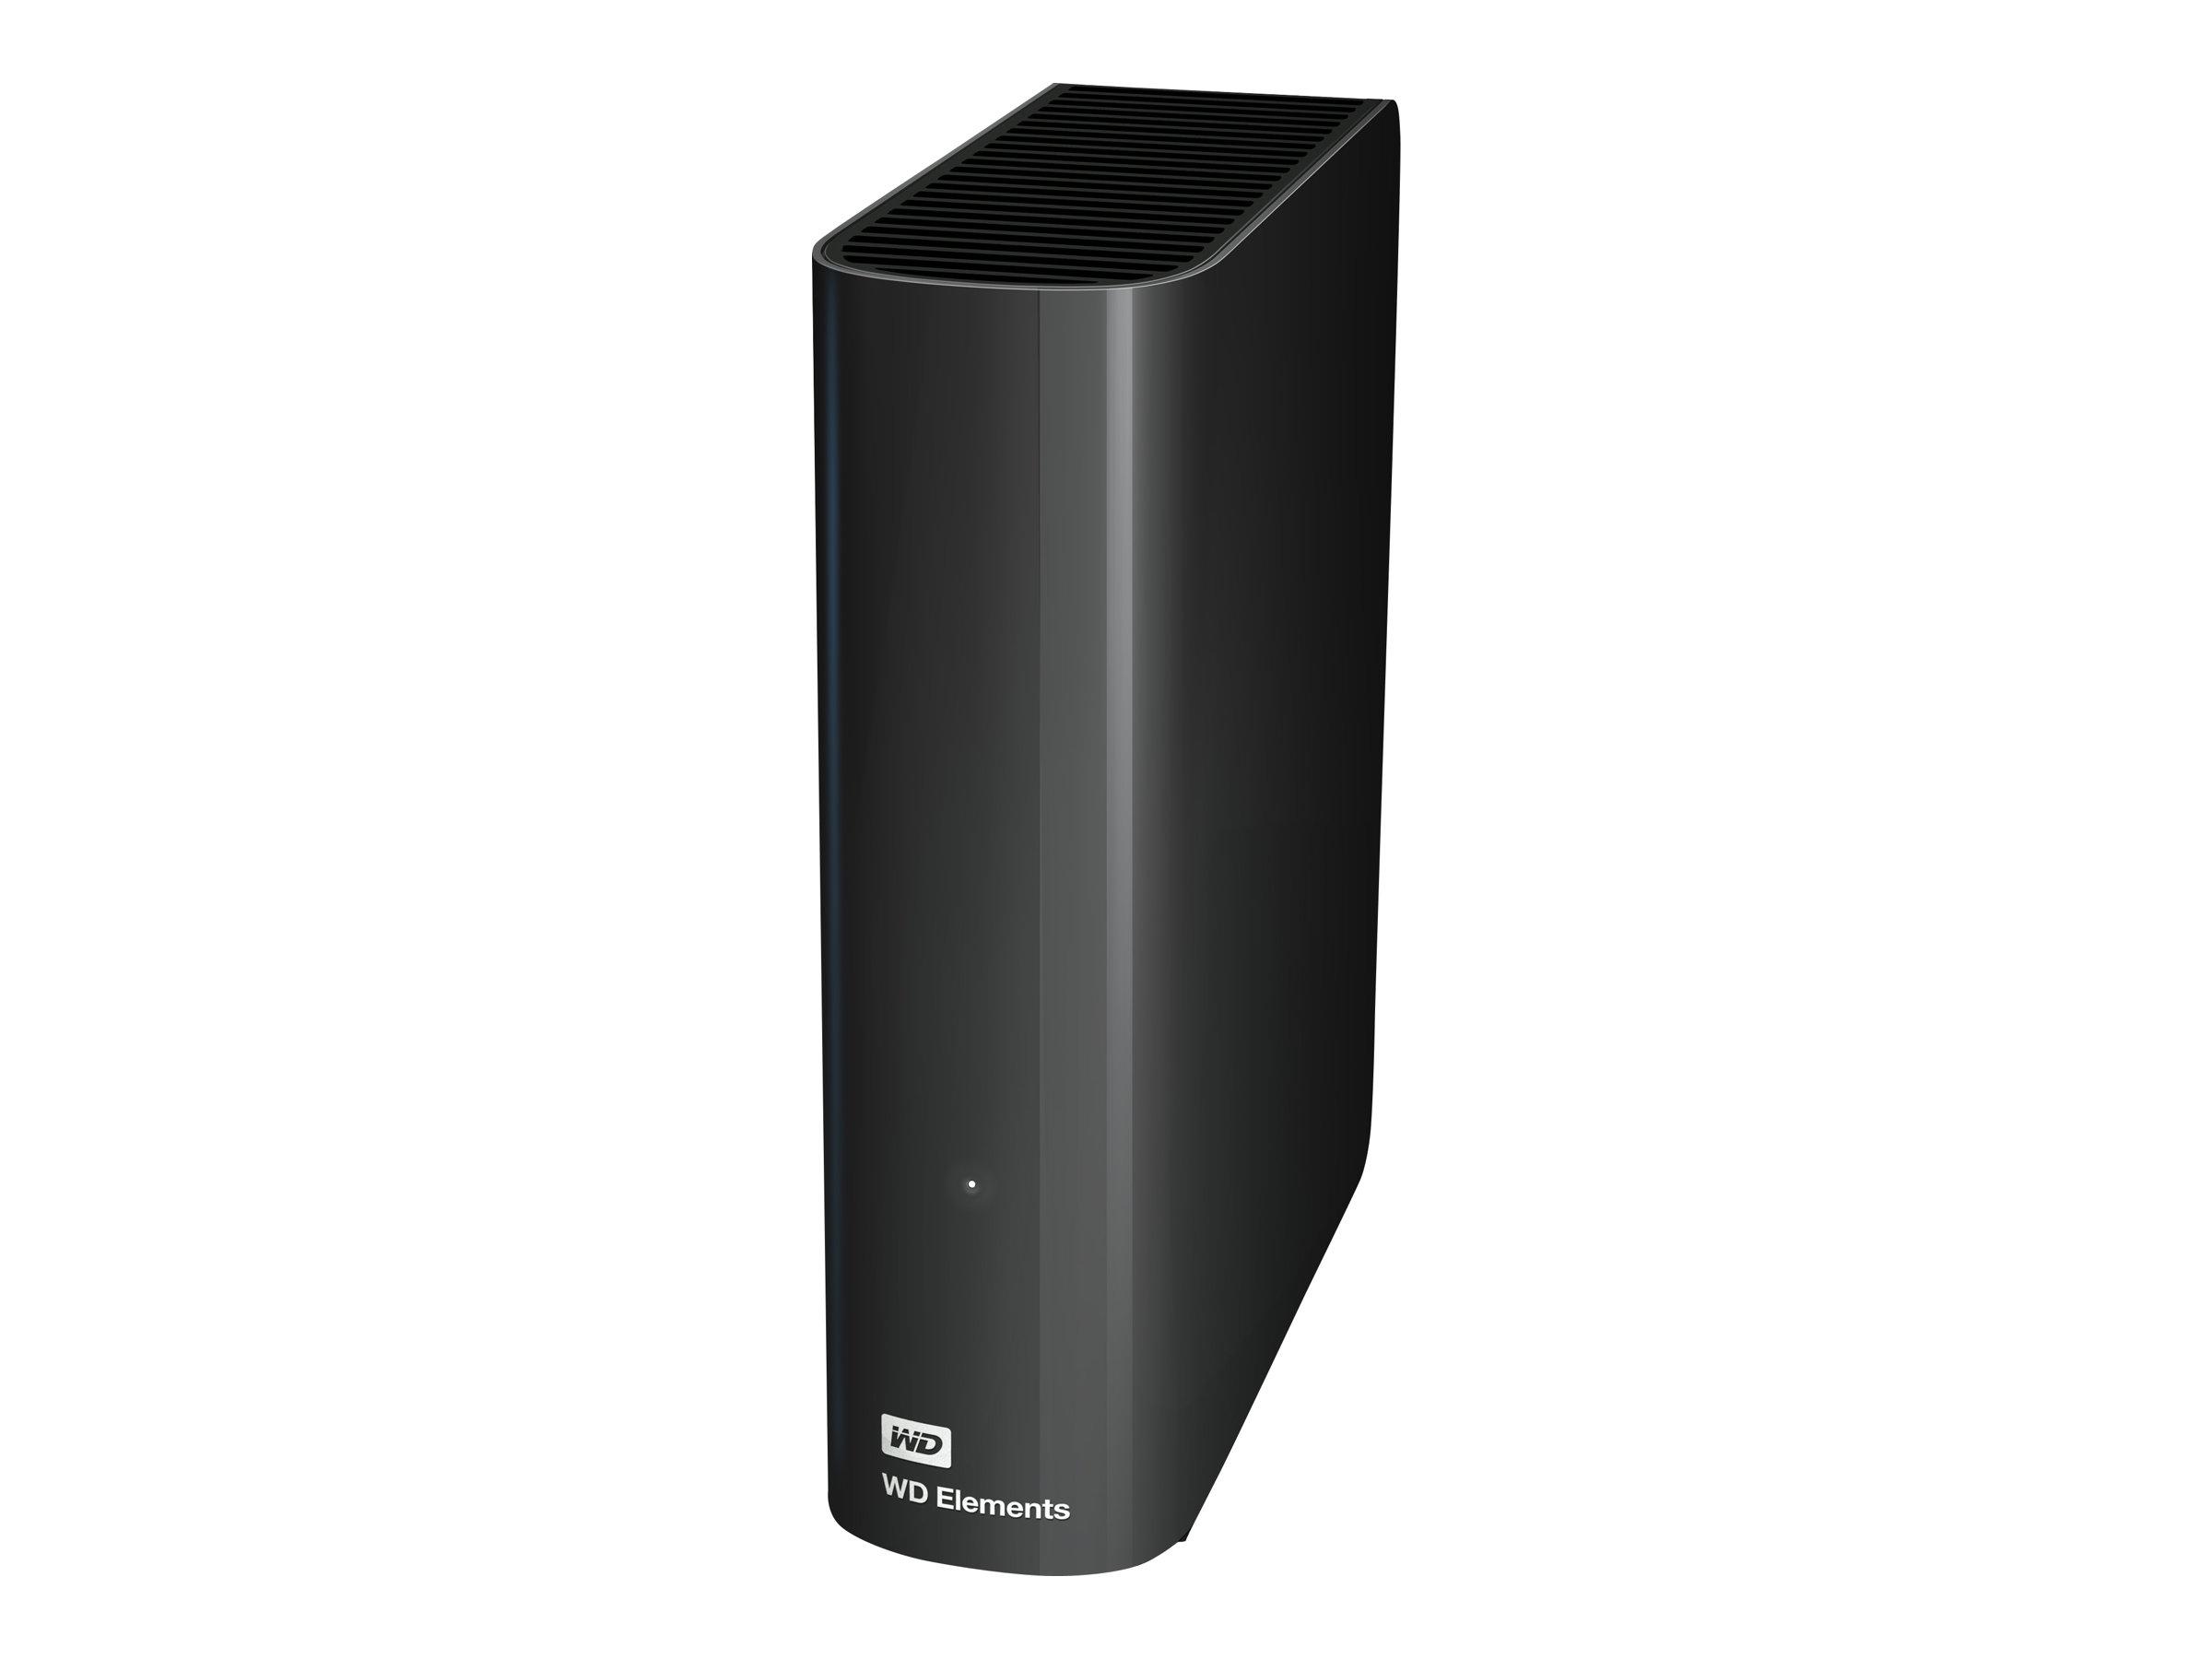 Vorschau: WD Elements Desktop WDBWLG0030HBK - Festplatte - 3 TB - extern (Stationär)